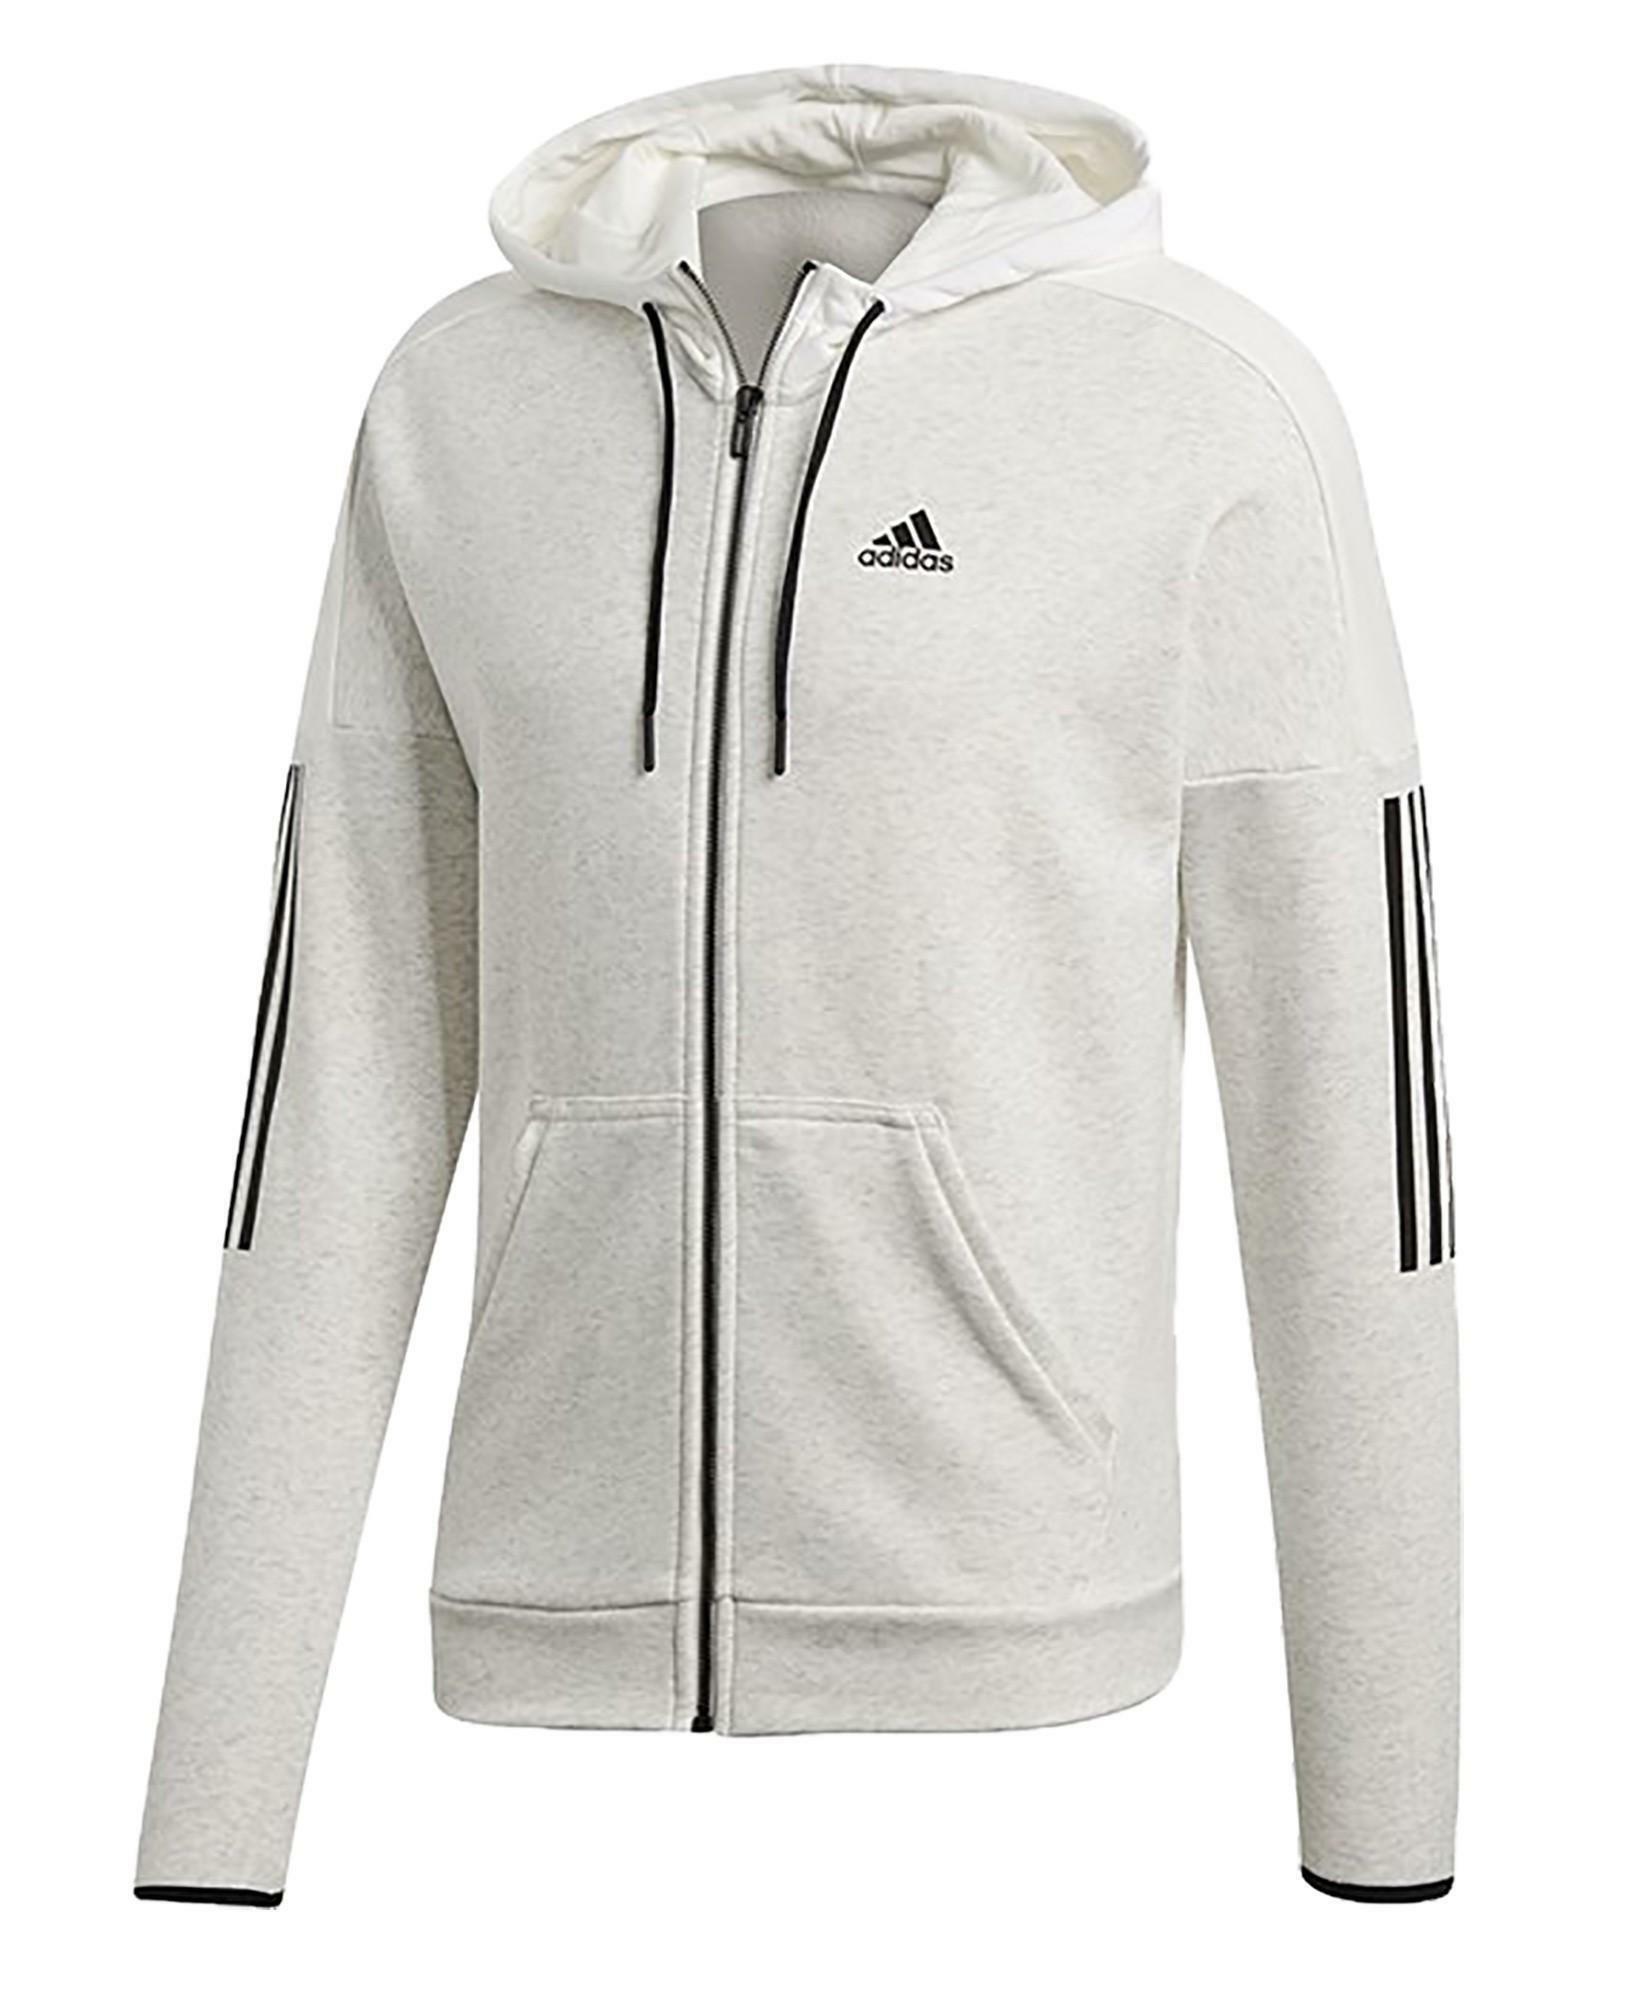 adidas adidas m sid logo giacchetto uomo bianco melange dm4055